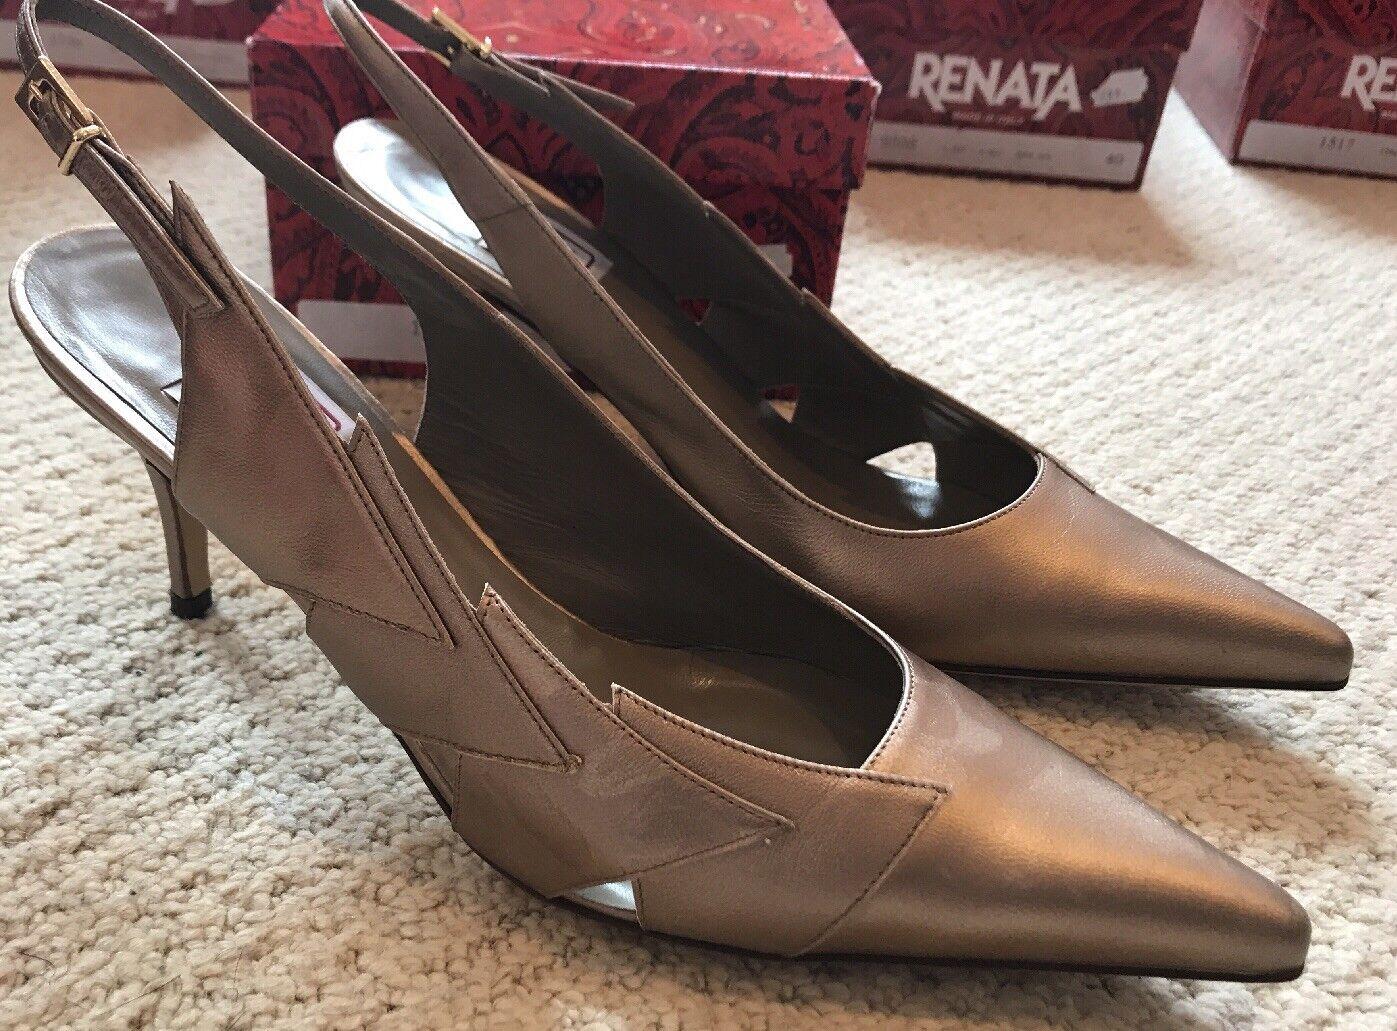 Renata ORO Court Shoe 38 * Nuovo con Scatola * RRP  con dettagli di stampa animale